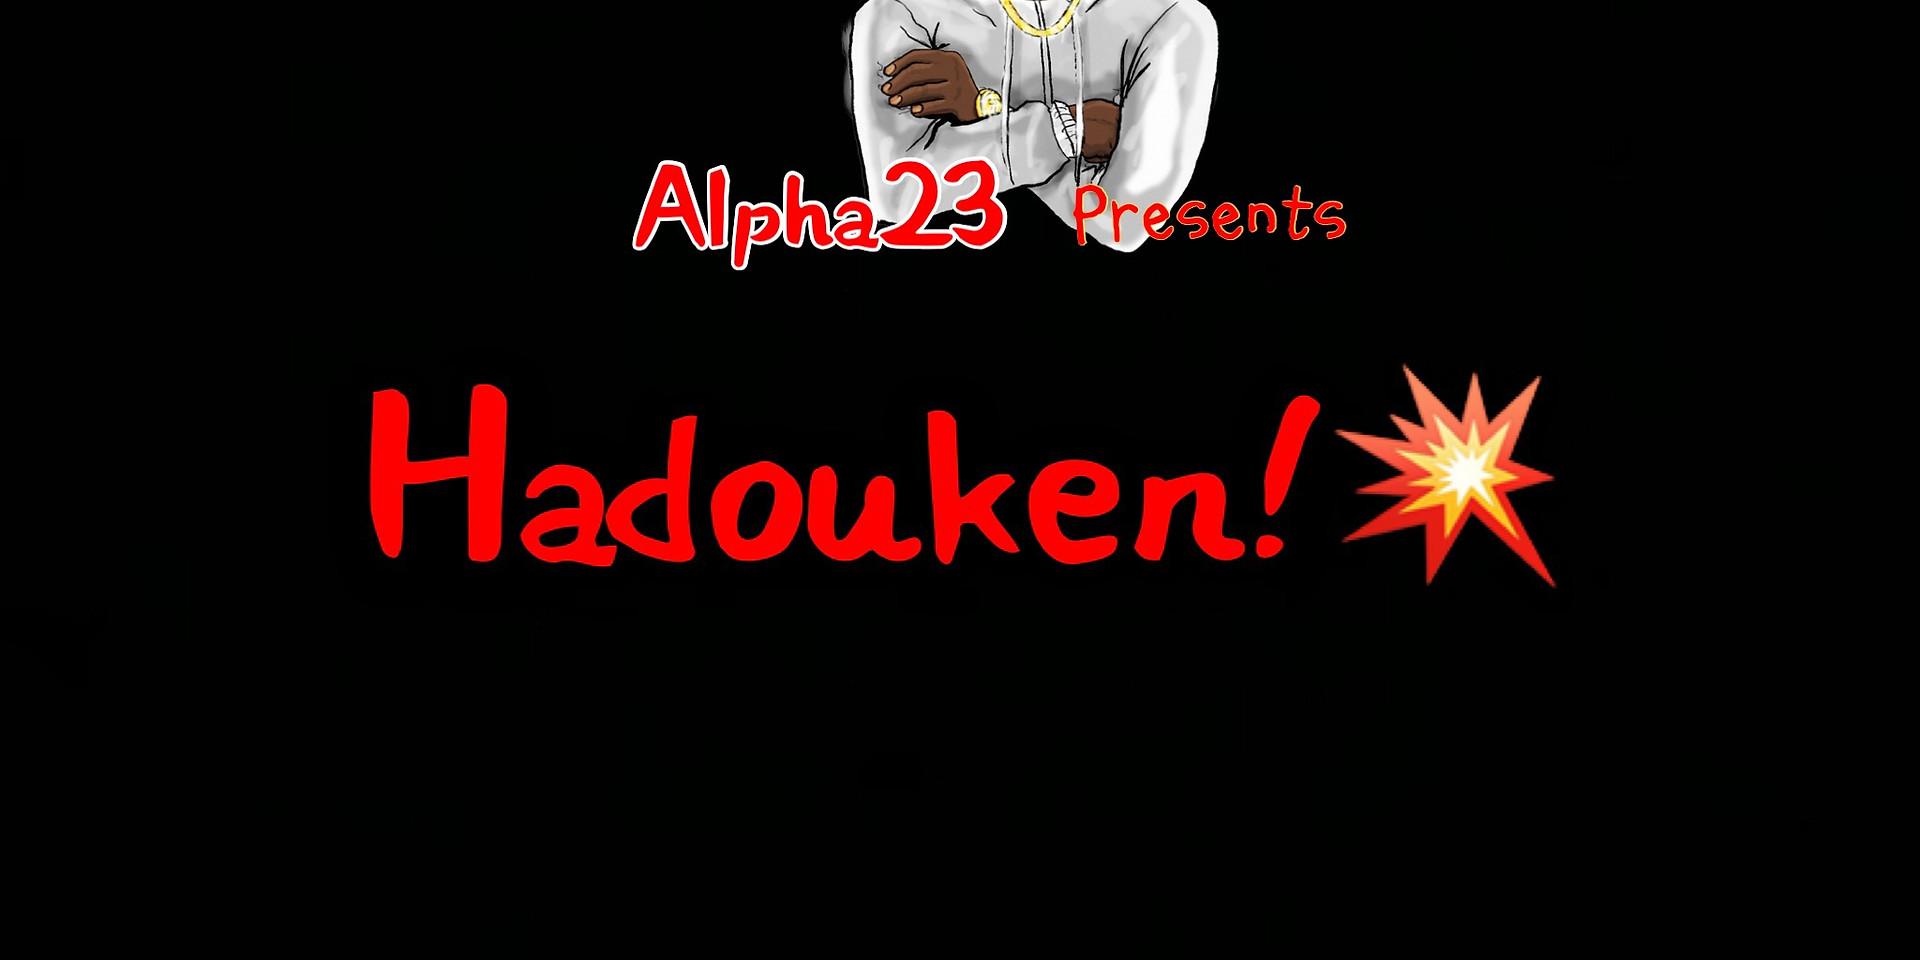 ALPHA23 HADOUKEN